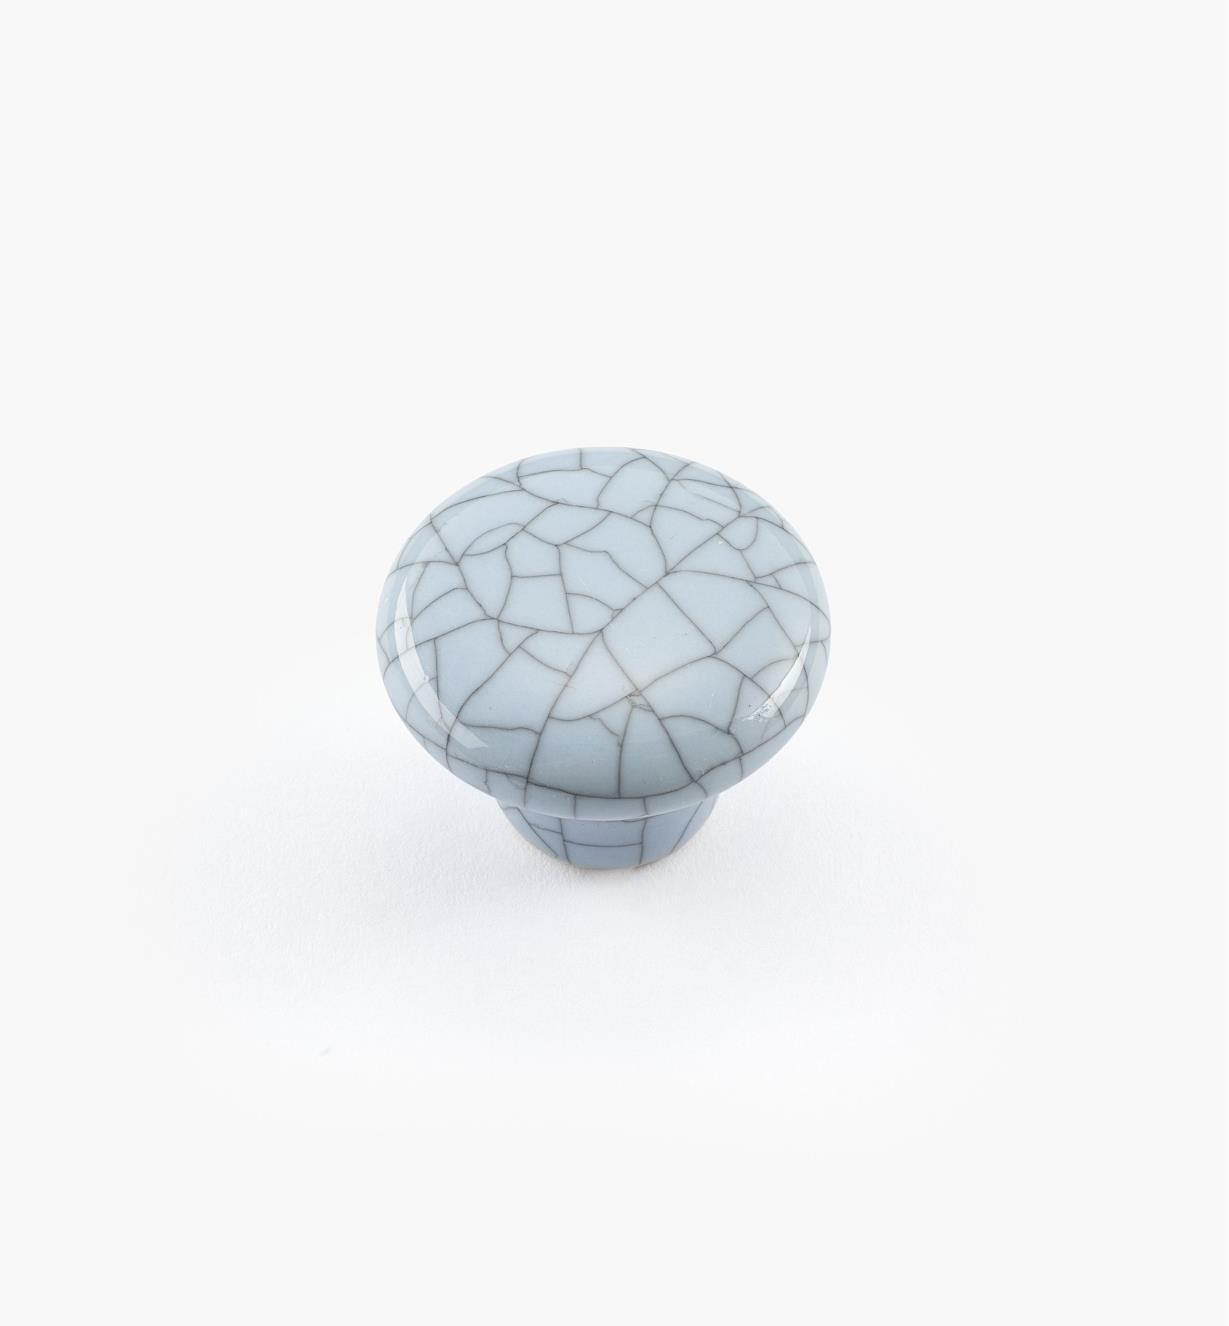 00W5211 - Bouton rond en céramique, série Craquelé, bleu, 1 po x 3/4 po